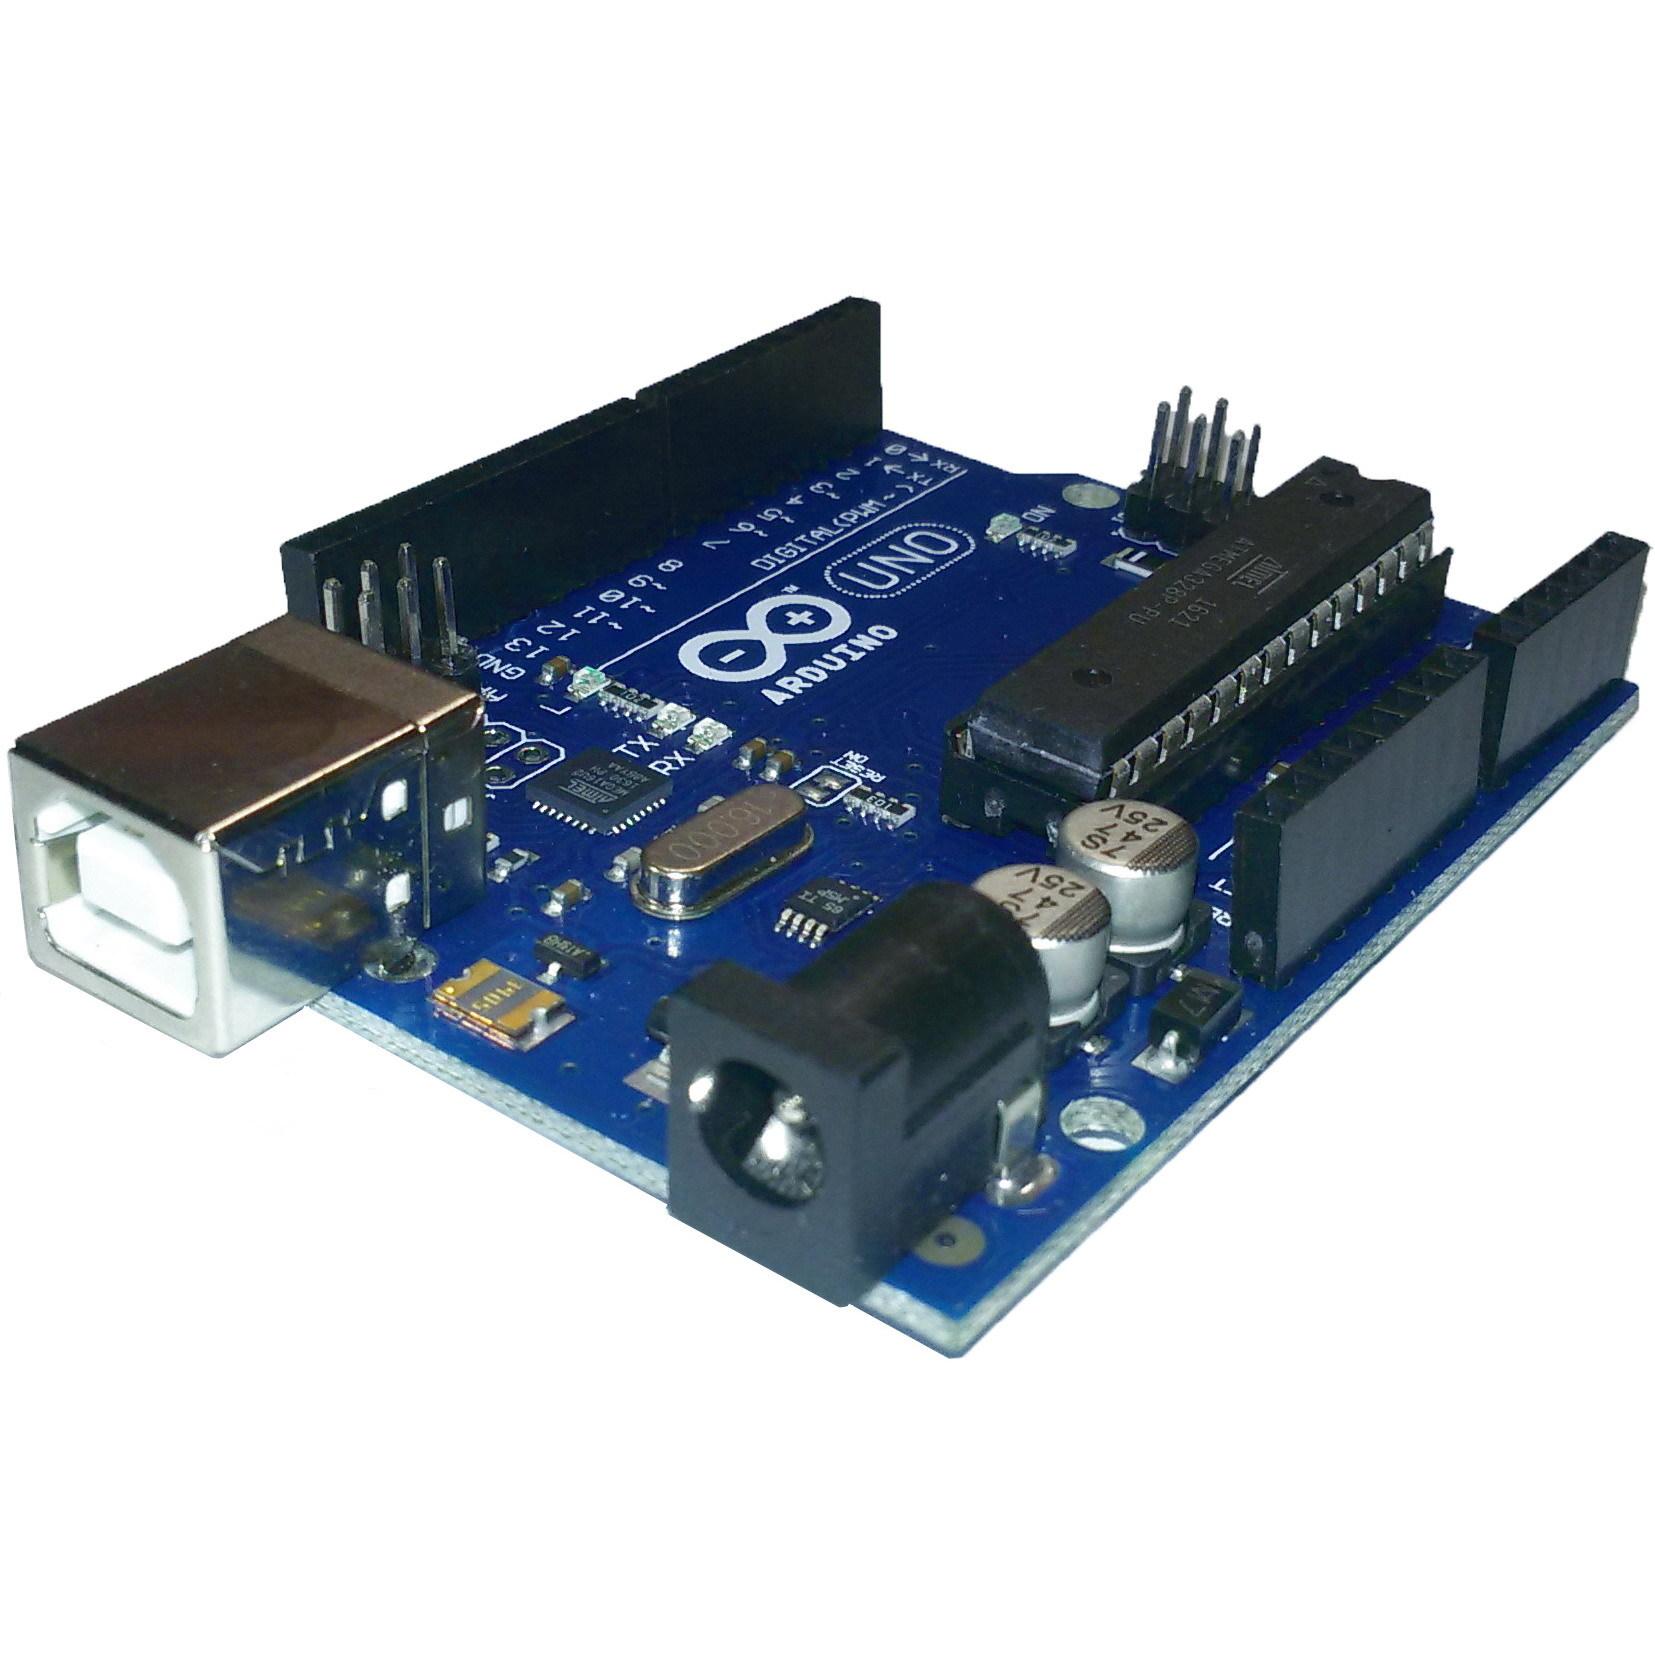 UNO R3 (Arduino совместимый контроллер)